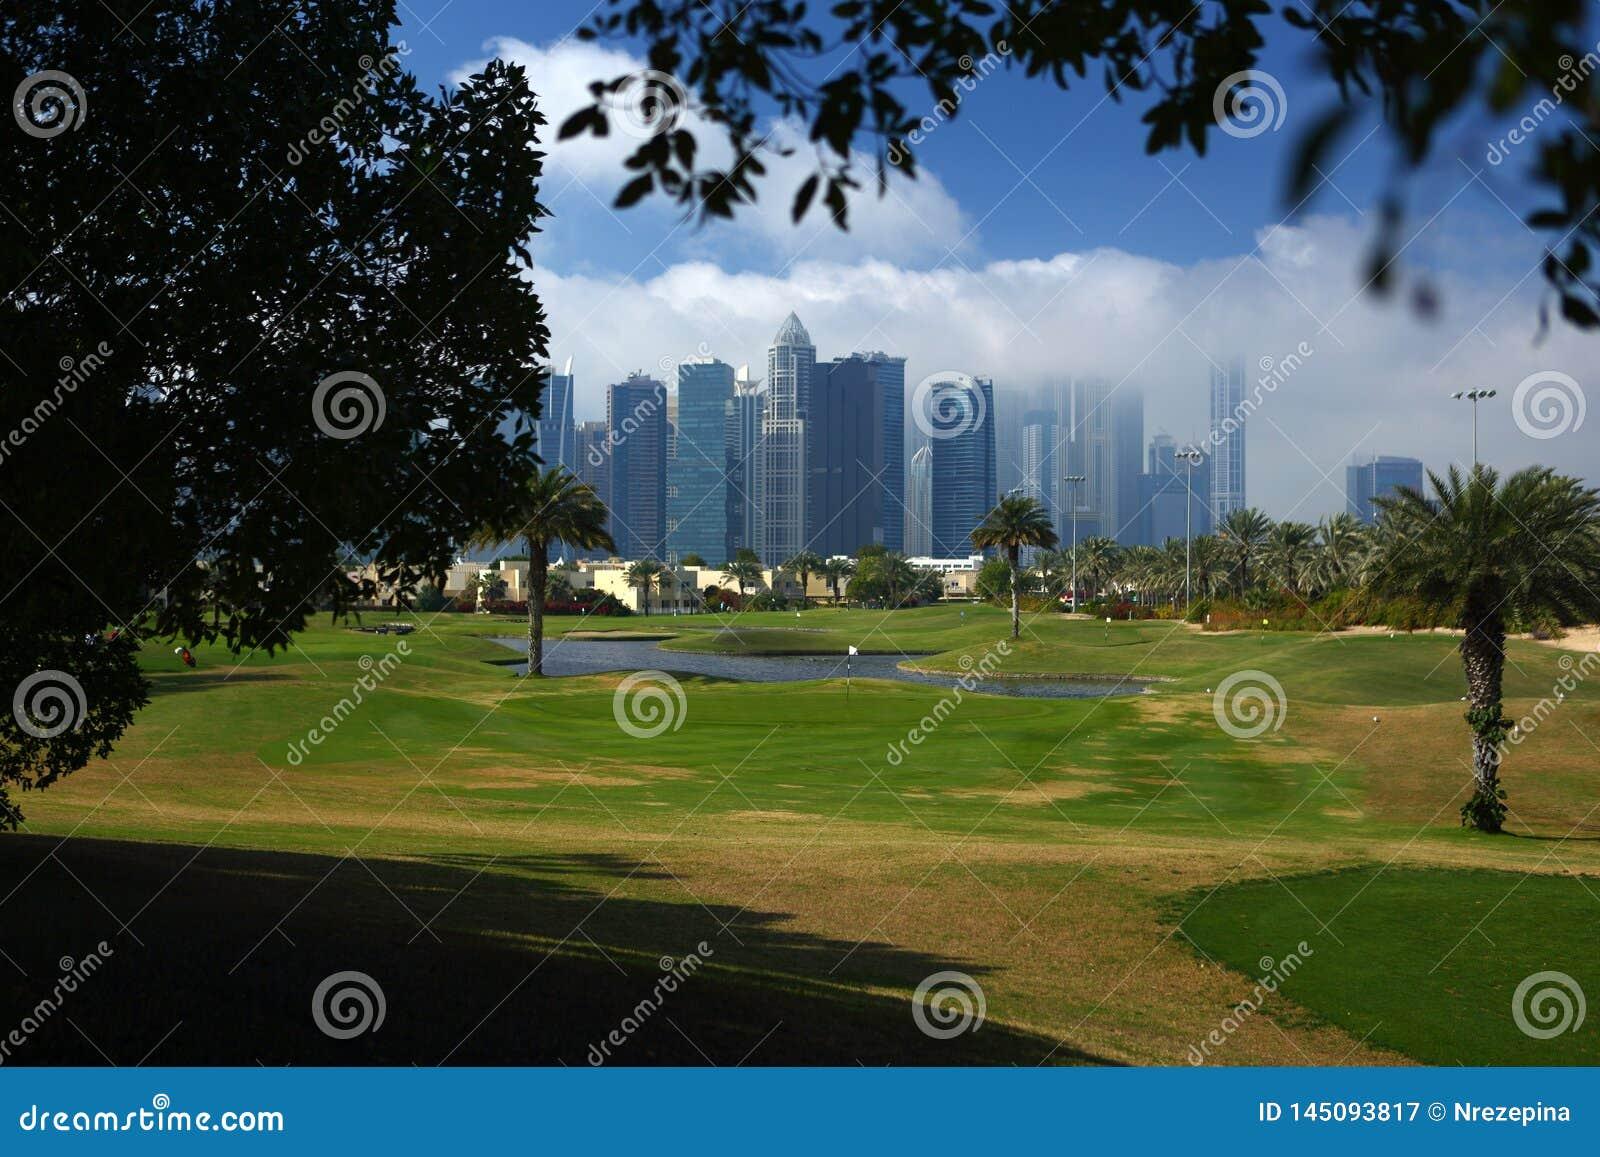 Το γήπεδο του γκολφ στο Ντουμπάι